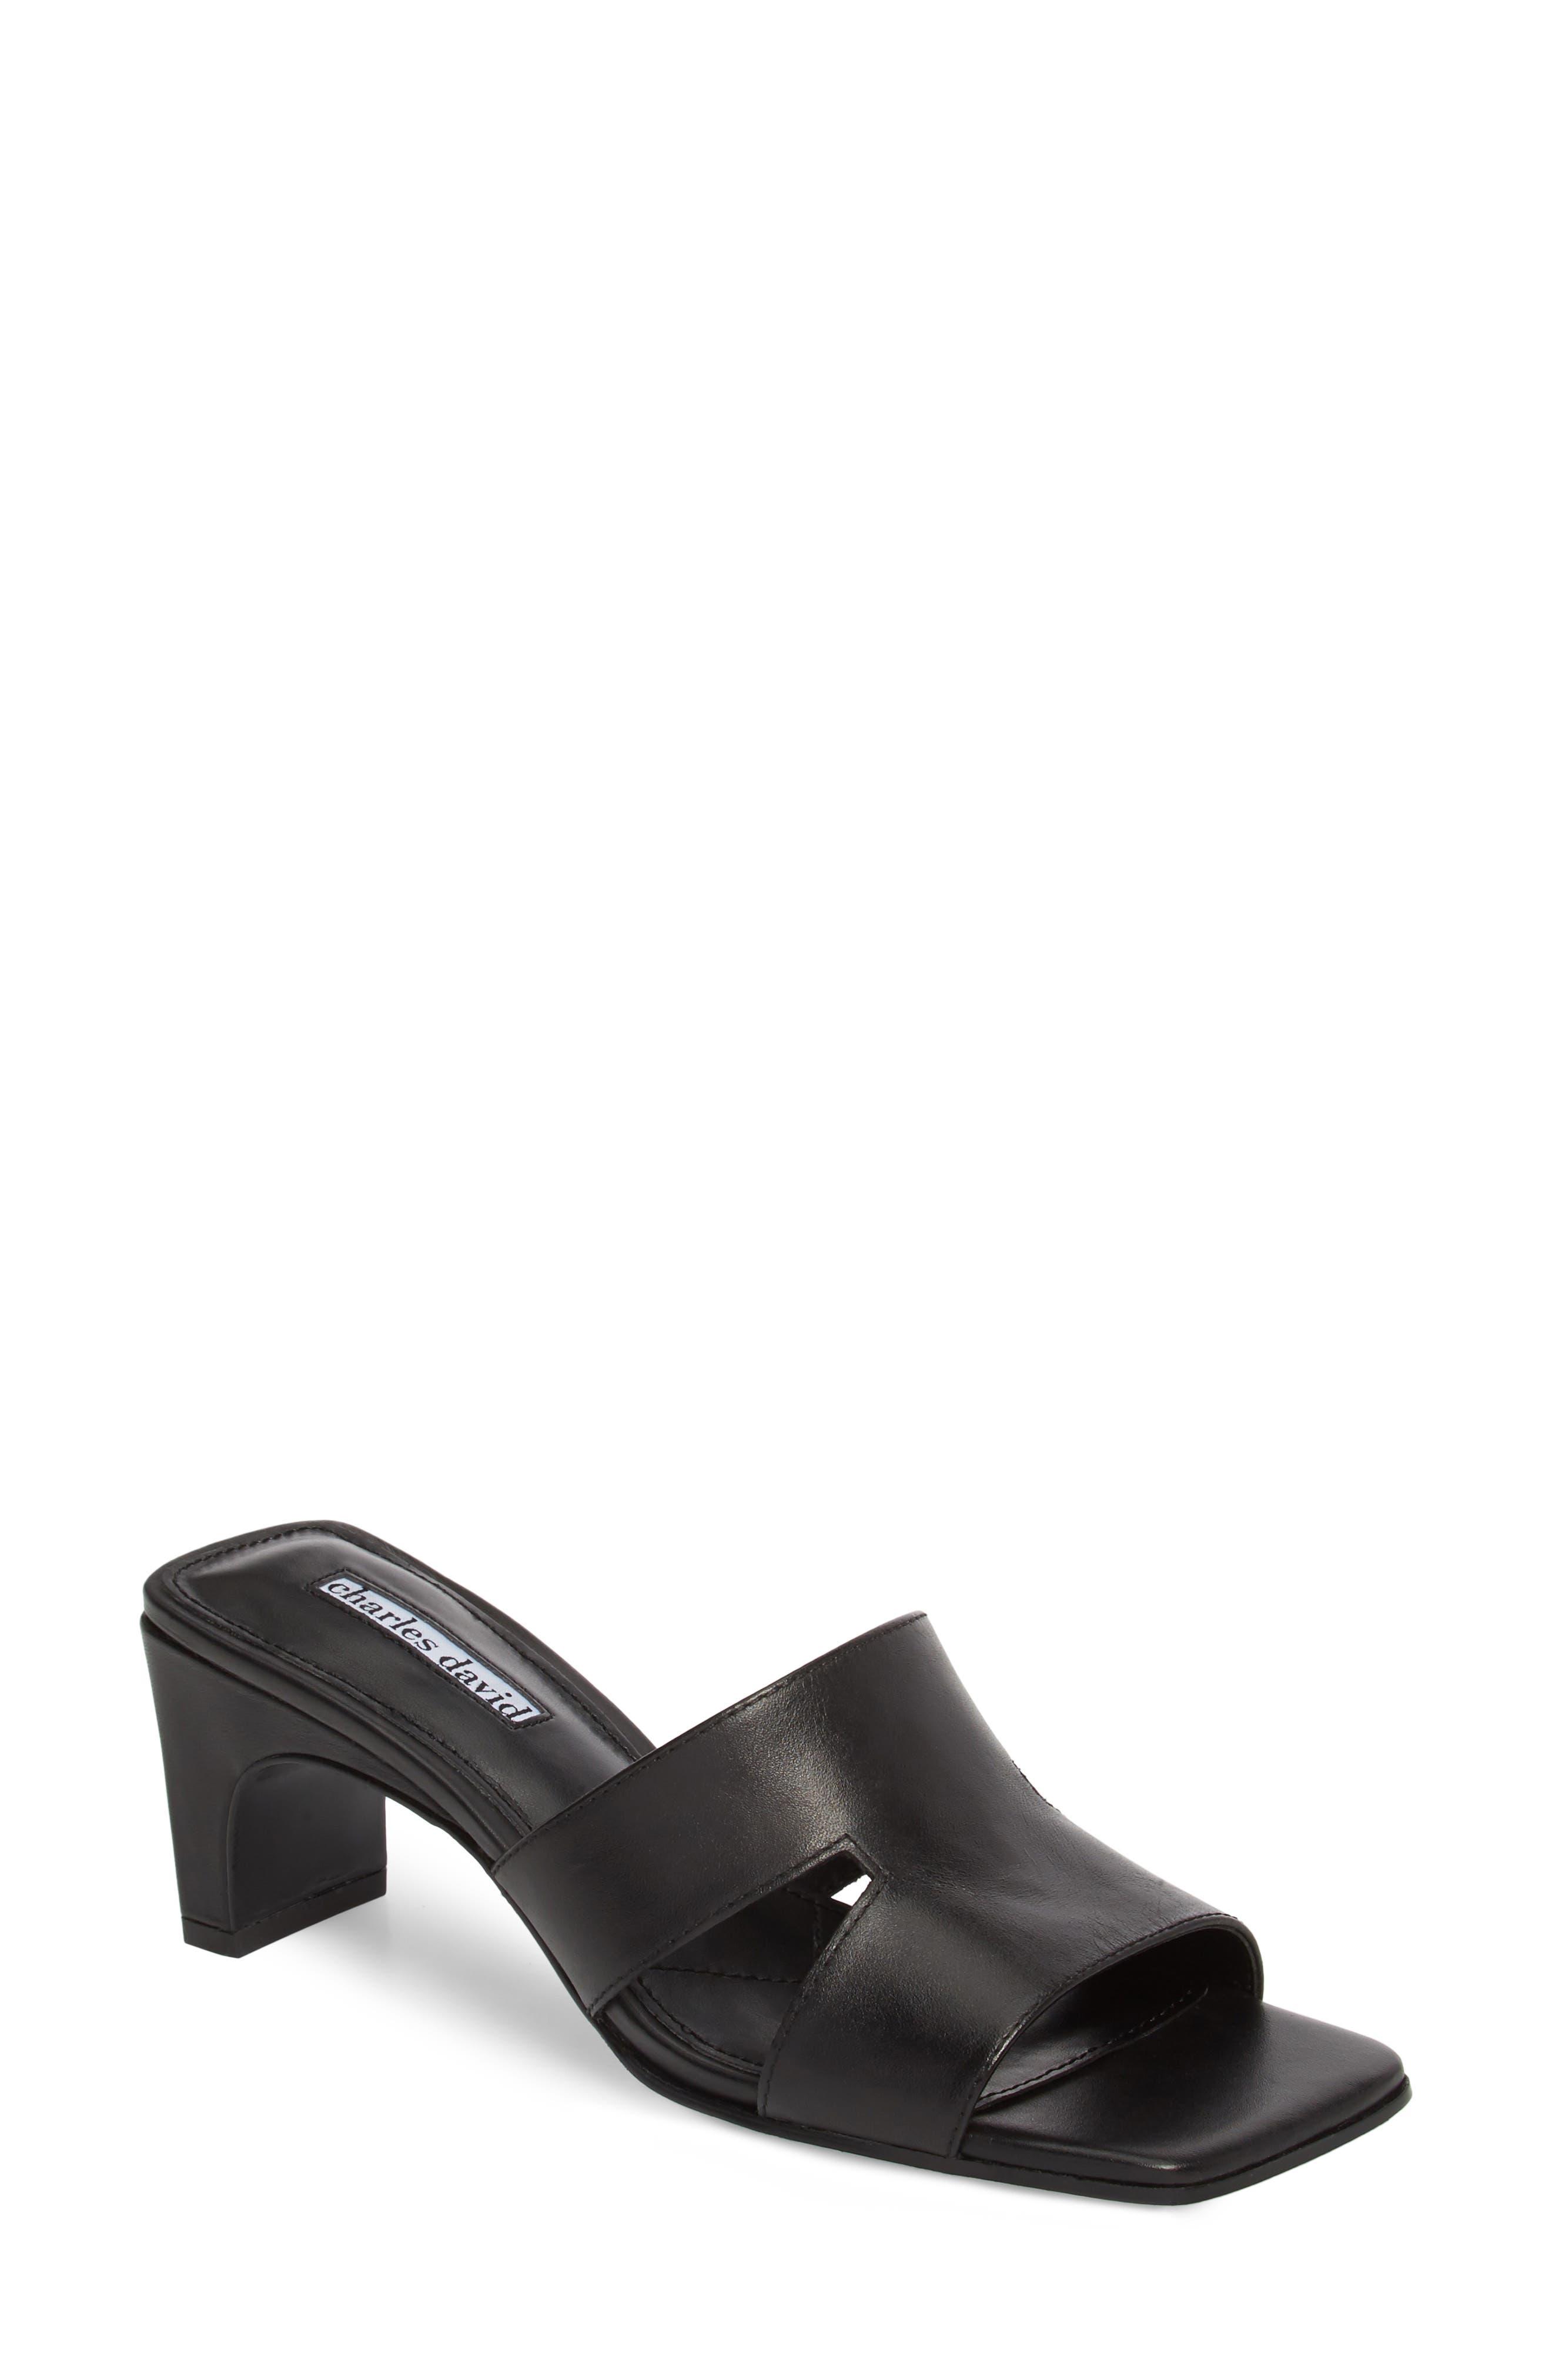 Harley Slide Sandal,                         Main,                         color, BLACK LEATHER